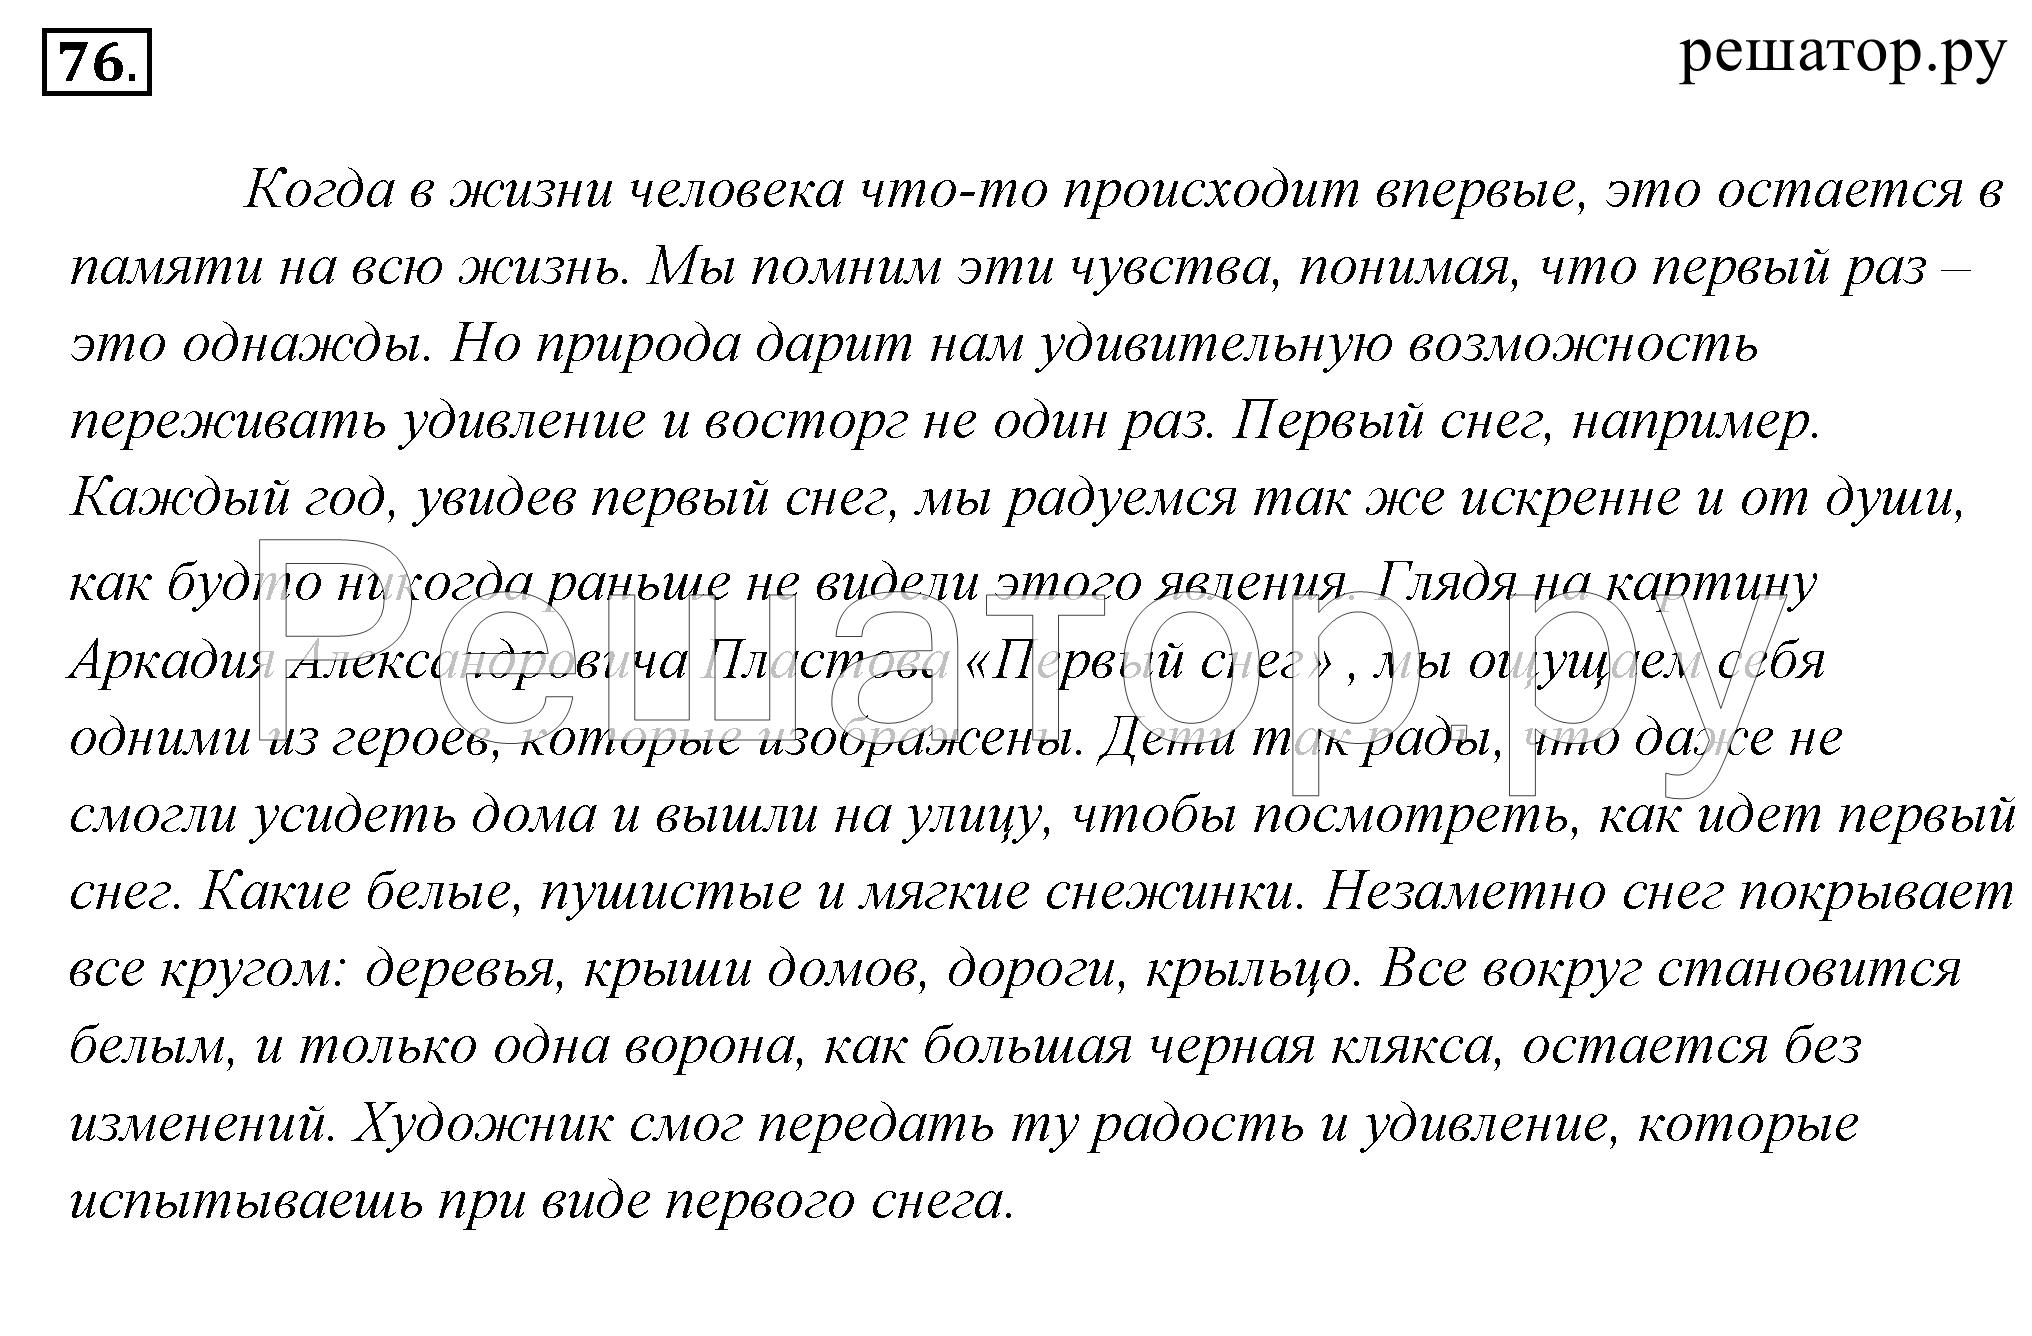 Гдз по русскому языку львова с и 2018 9 класс